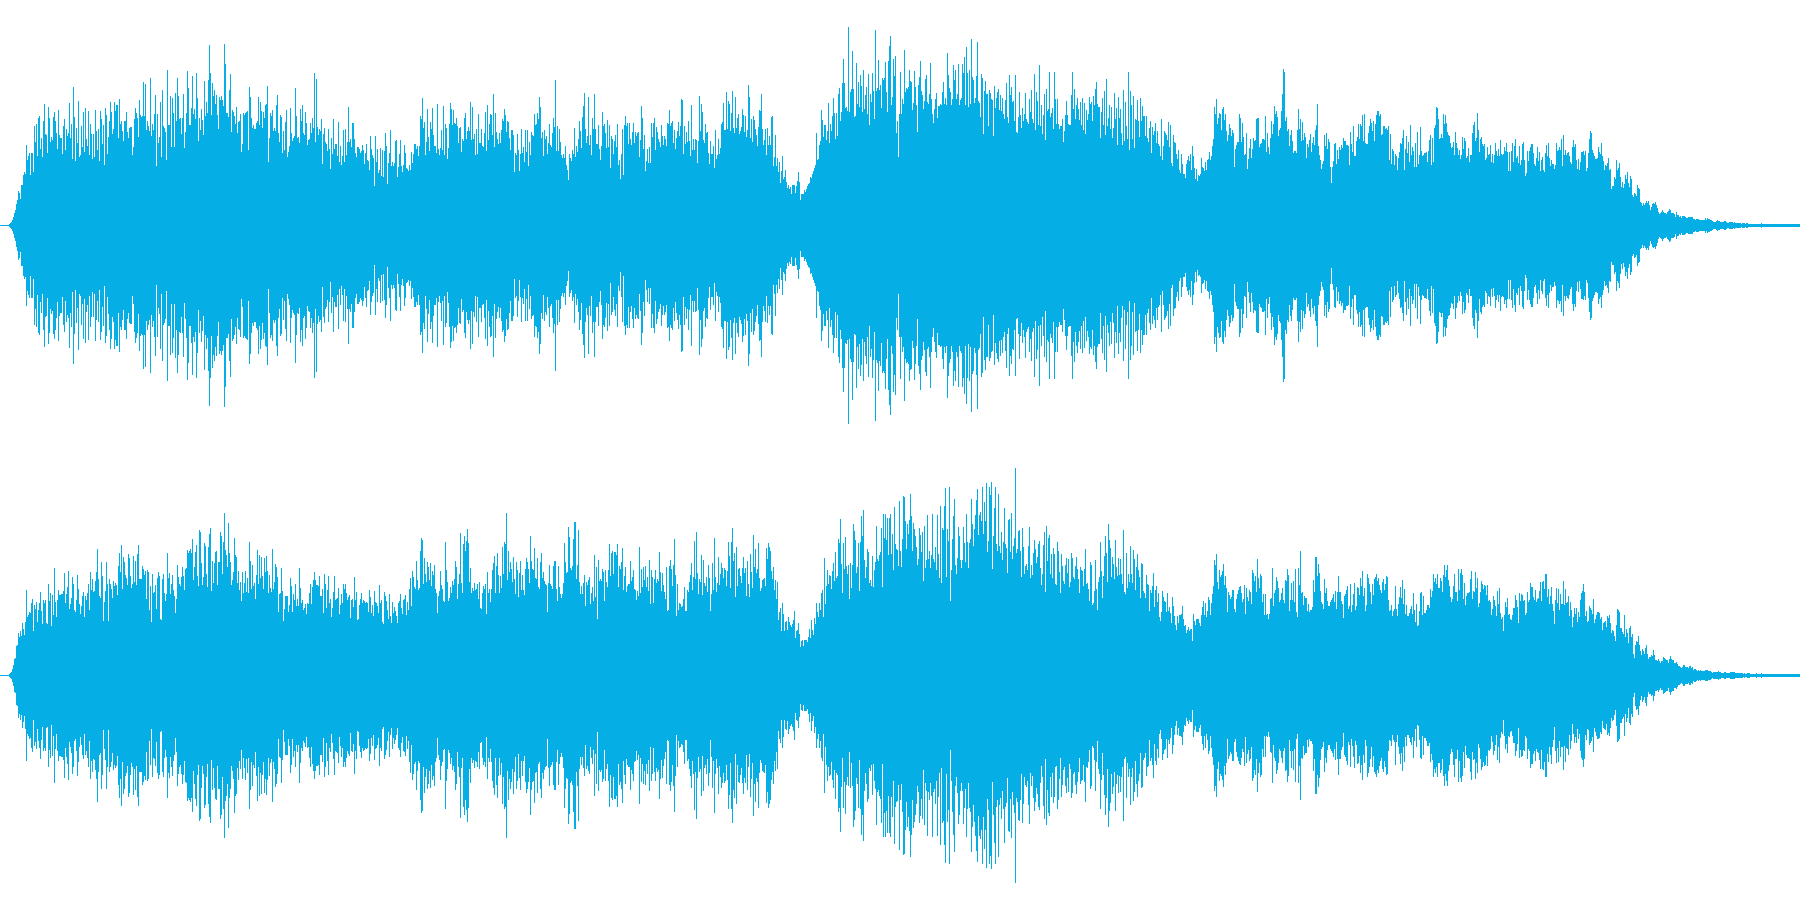 ジングル オーケストラ風 穏やか 平和的の再生済みの波形